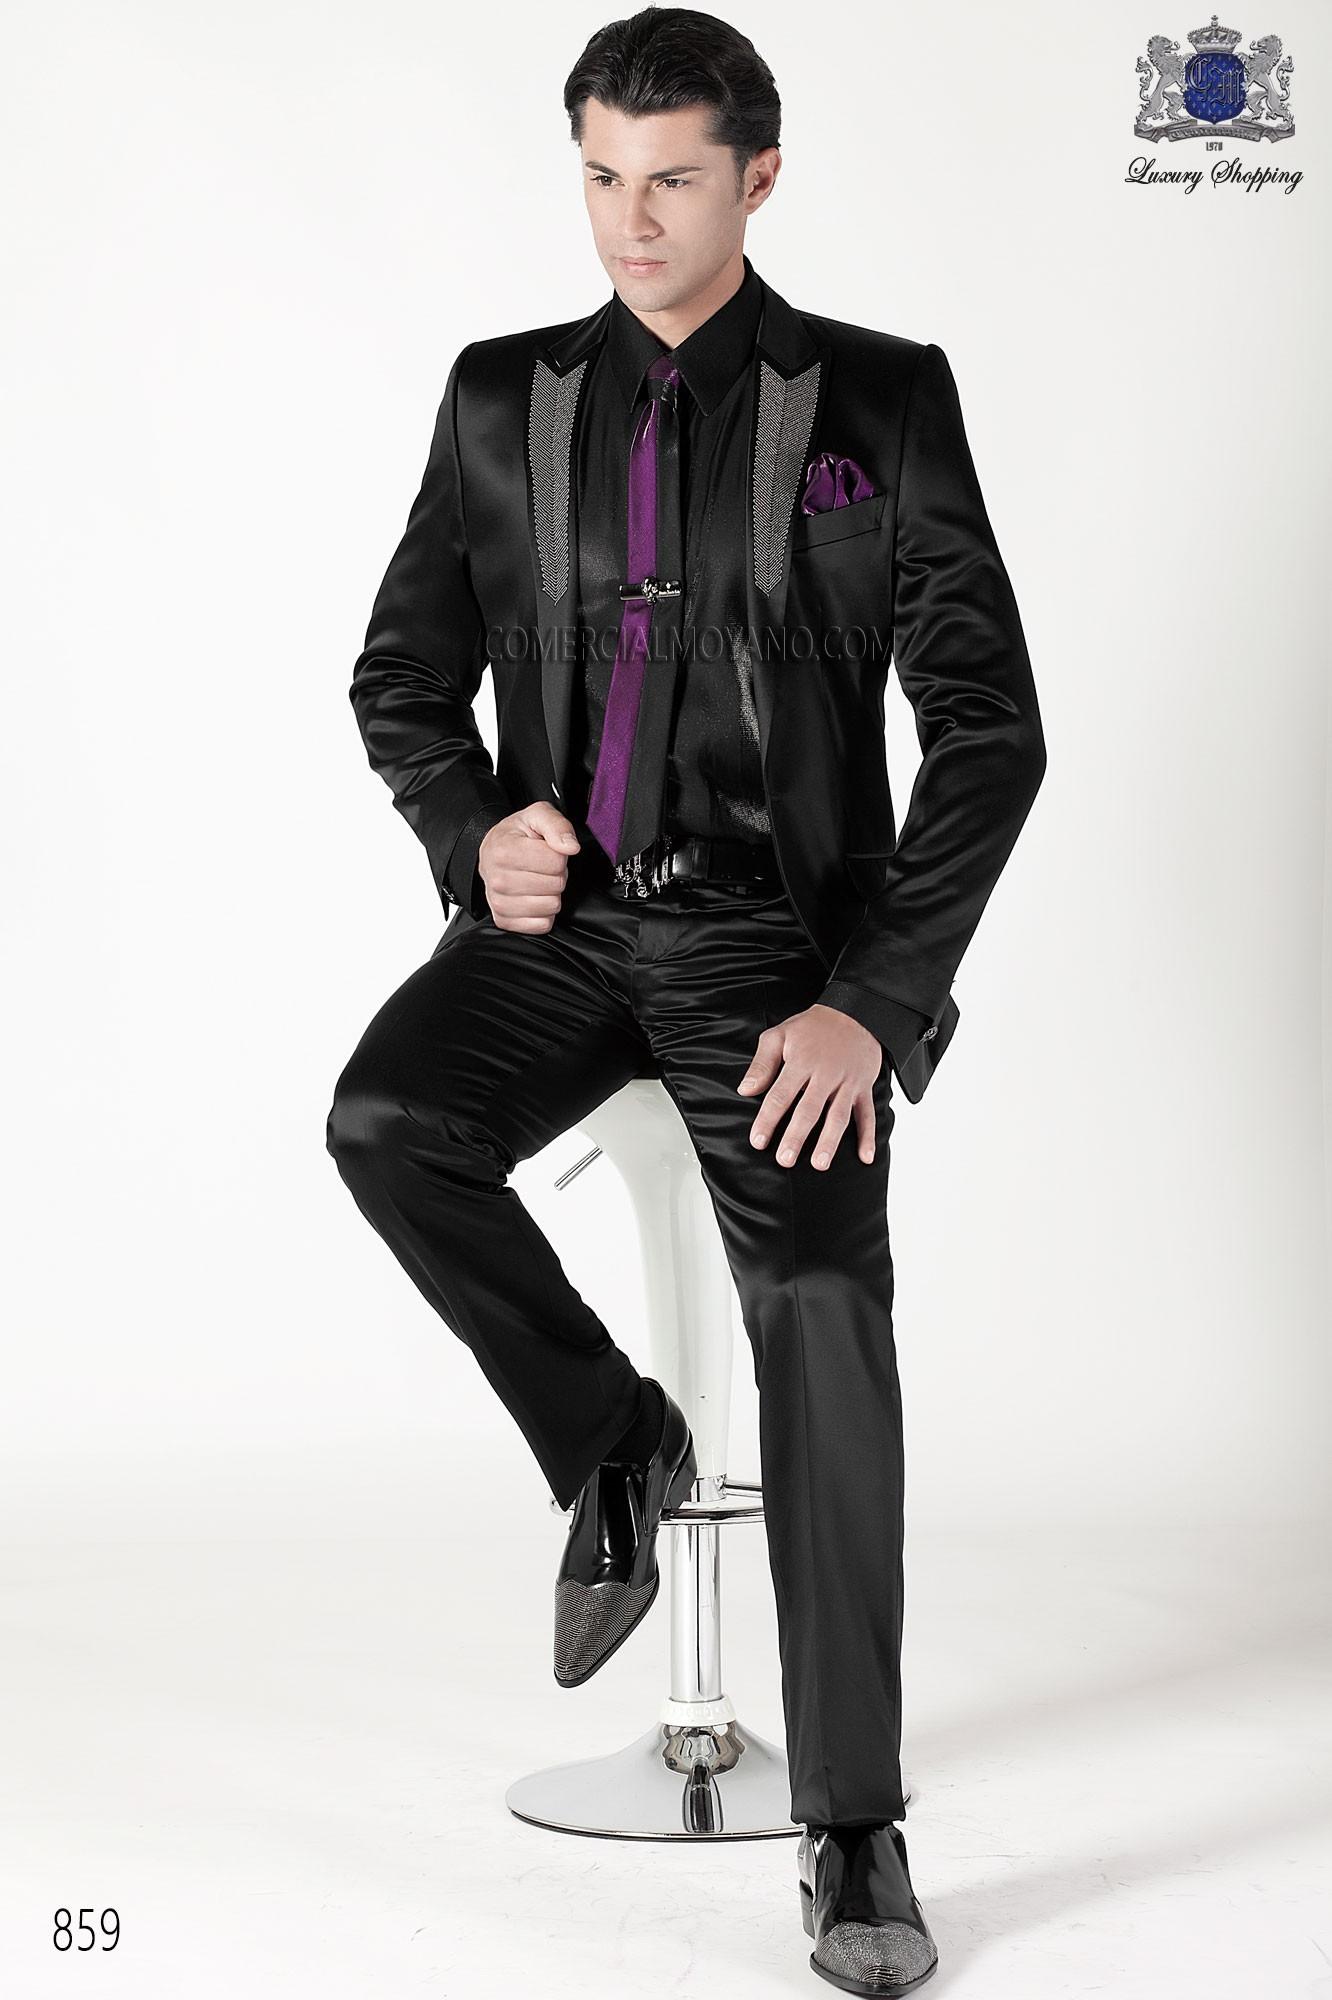 Traje de moda hombre negro modelo: 859 Ottavio Nuccio Gala colección Emotion